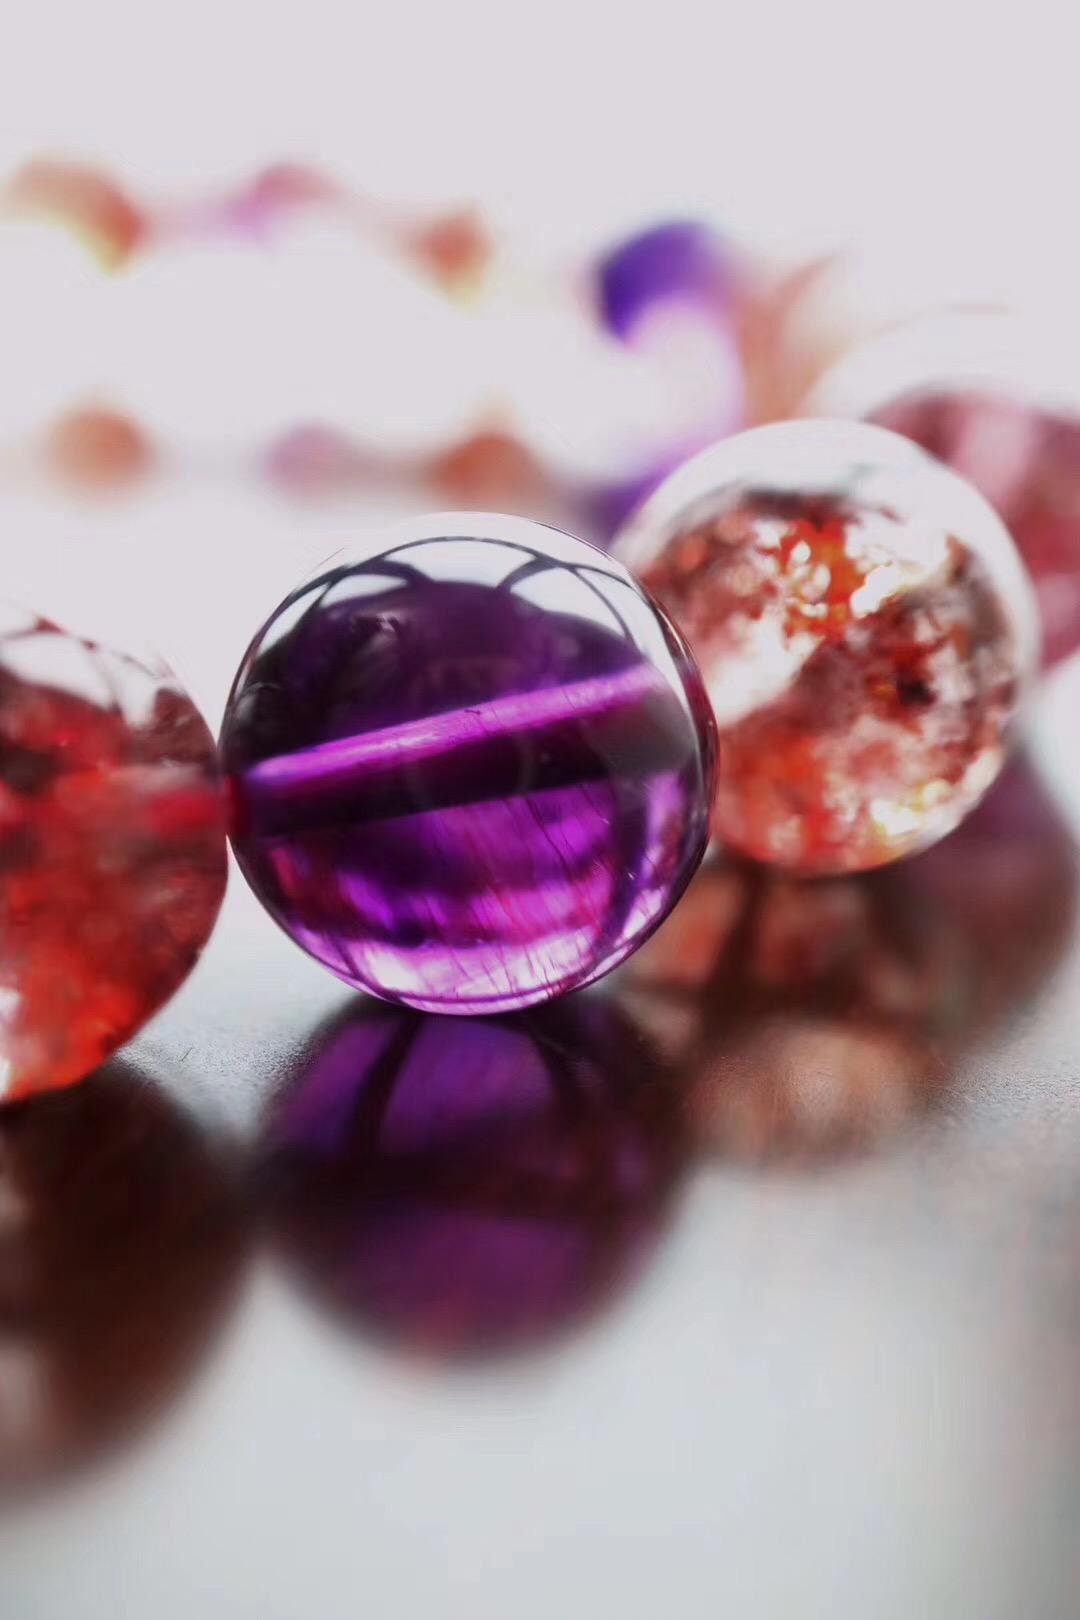 【菩心-极品紫发晶&超七】紫发晶,每一颗都是梦幻的-菩心晶舍